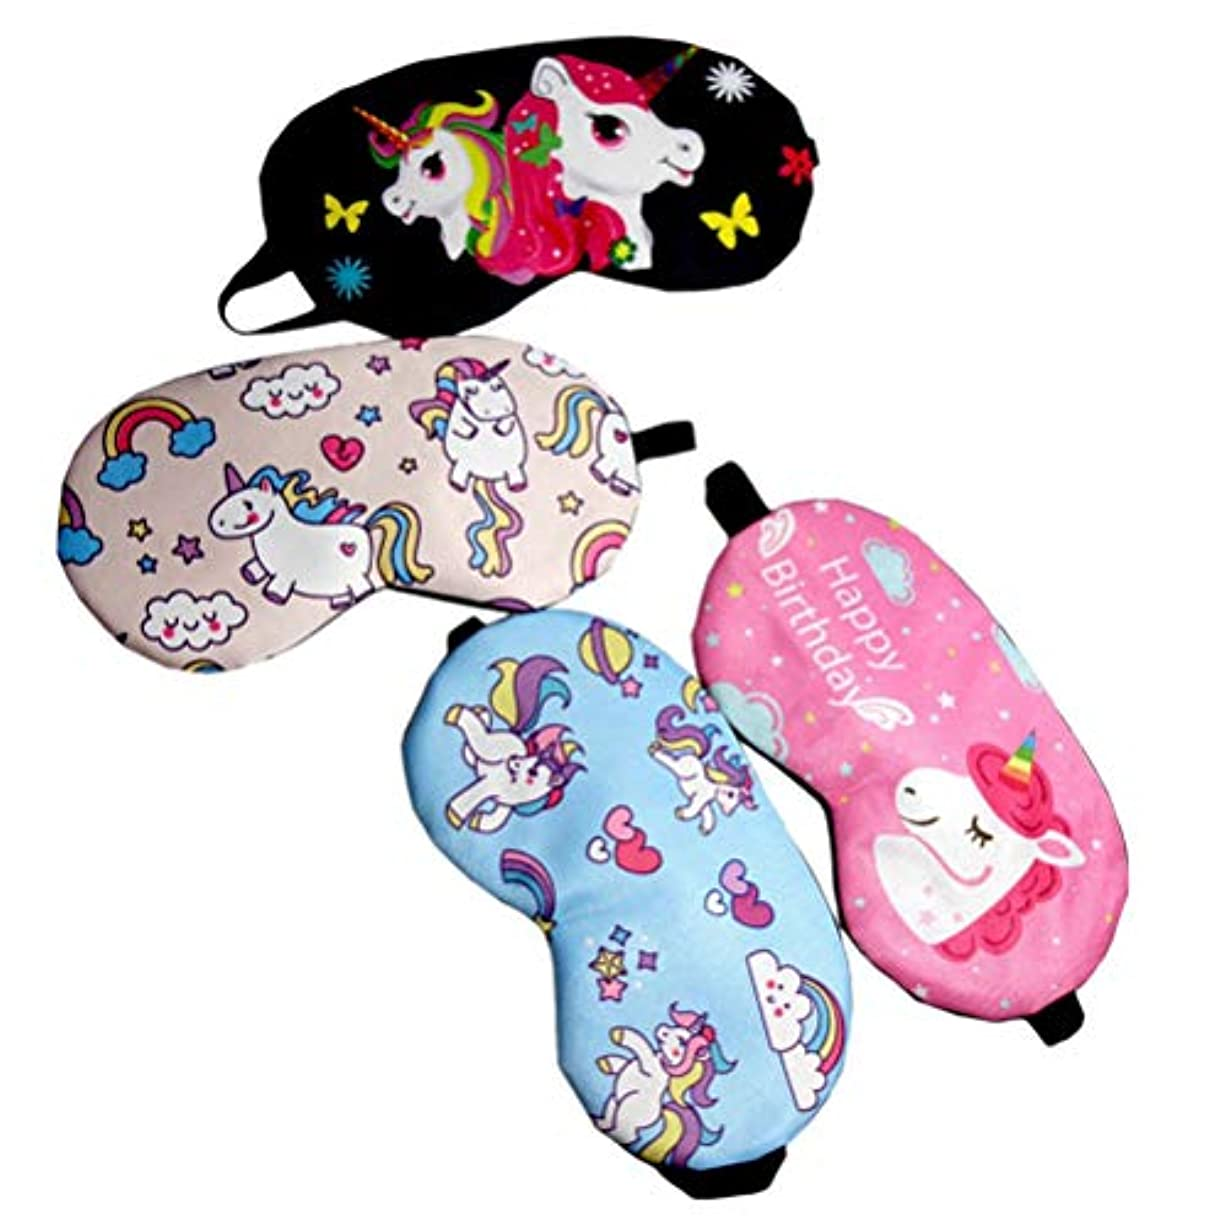 病弱おじいちゃん銃子供のためのBeaupretty 4PCSユニコーン睡眠マスクカバー軽量目隠しソフトアイマスク(ブラック+ローズレッド+ライトピンク+ライトブルー)